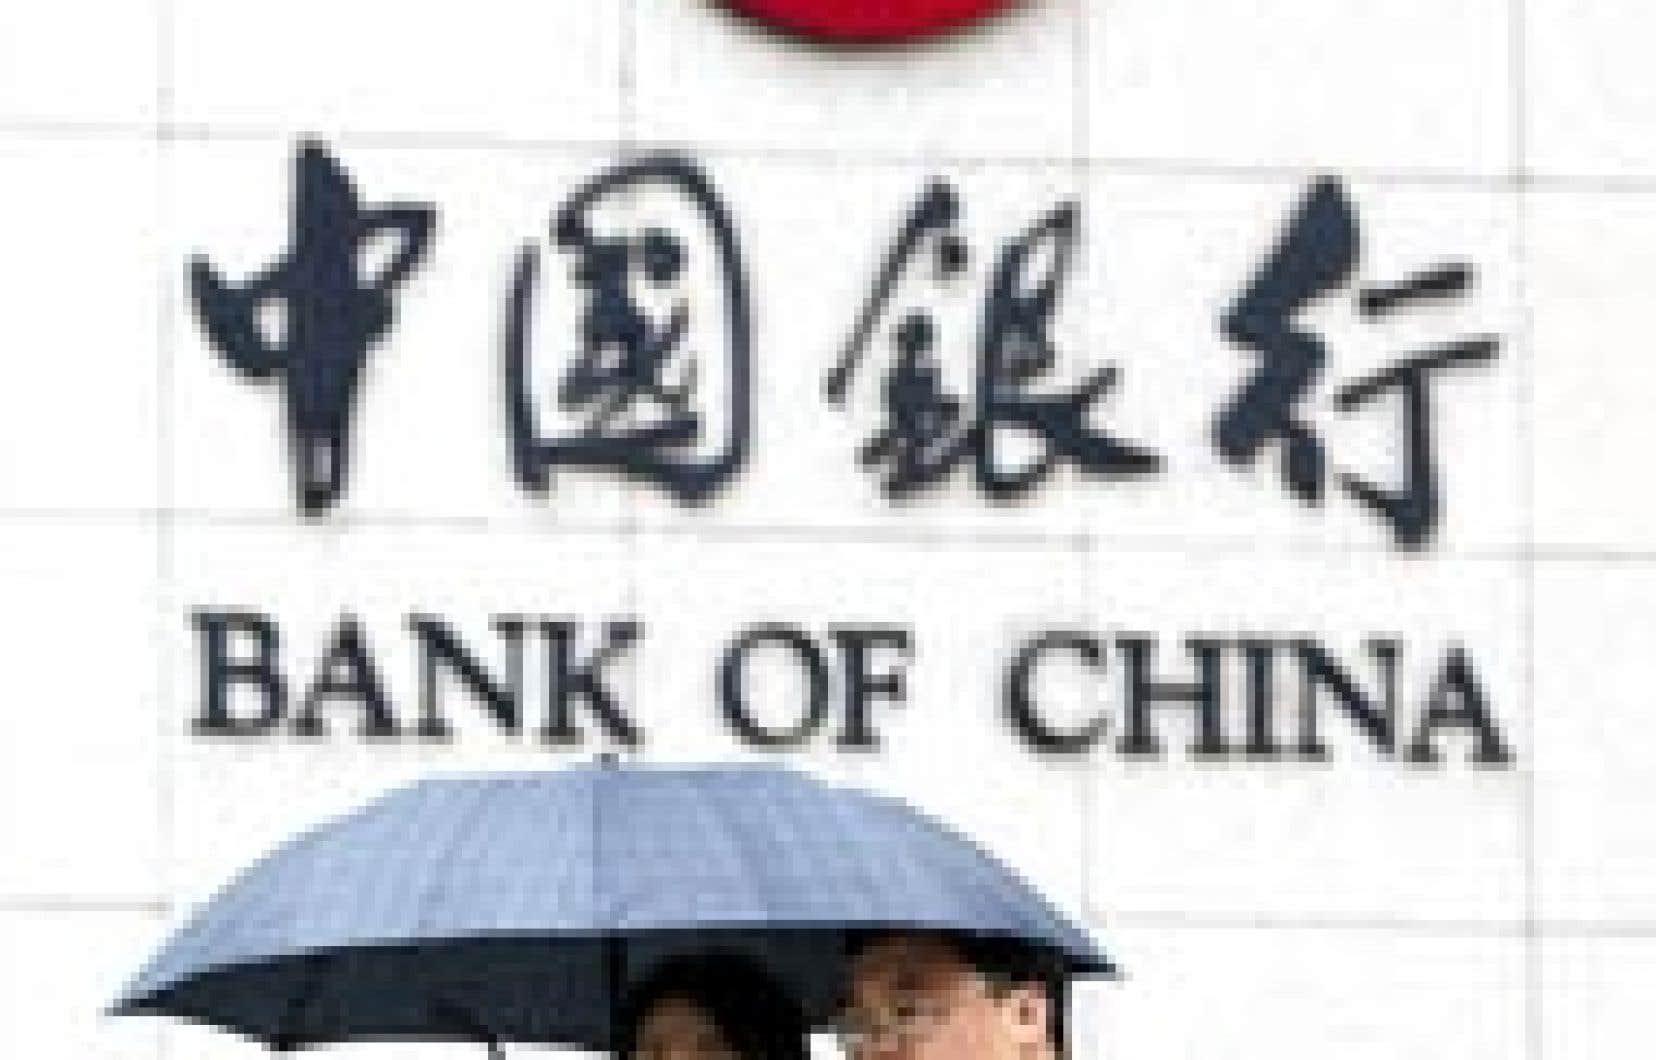 La Chine a injecté 45 milliards $US dans deux de ses principales banques publiques, un plan de renflouement attendu de longue date pour un secteur criblé de dettes et qui constitue le talon d'Achille du pays. Les deux banques ainsi renflouées, Bank of